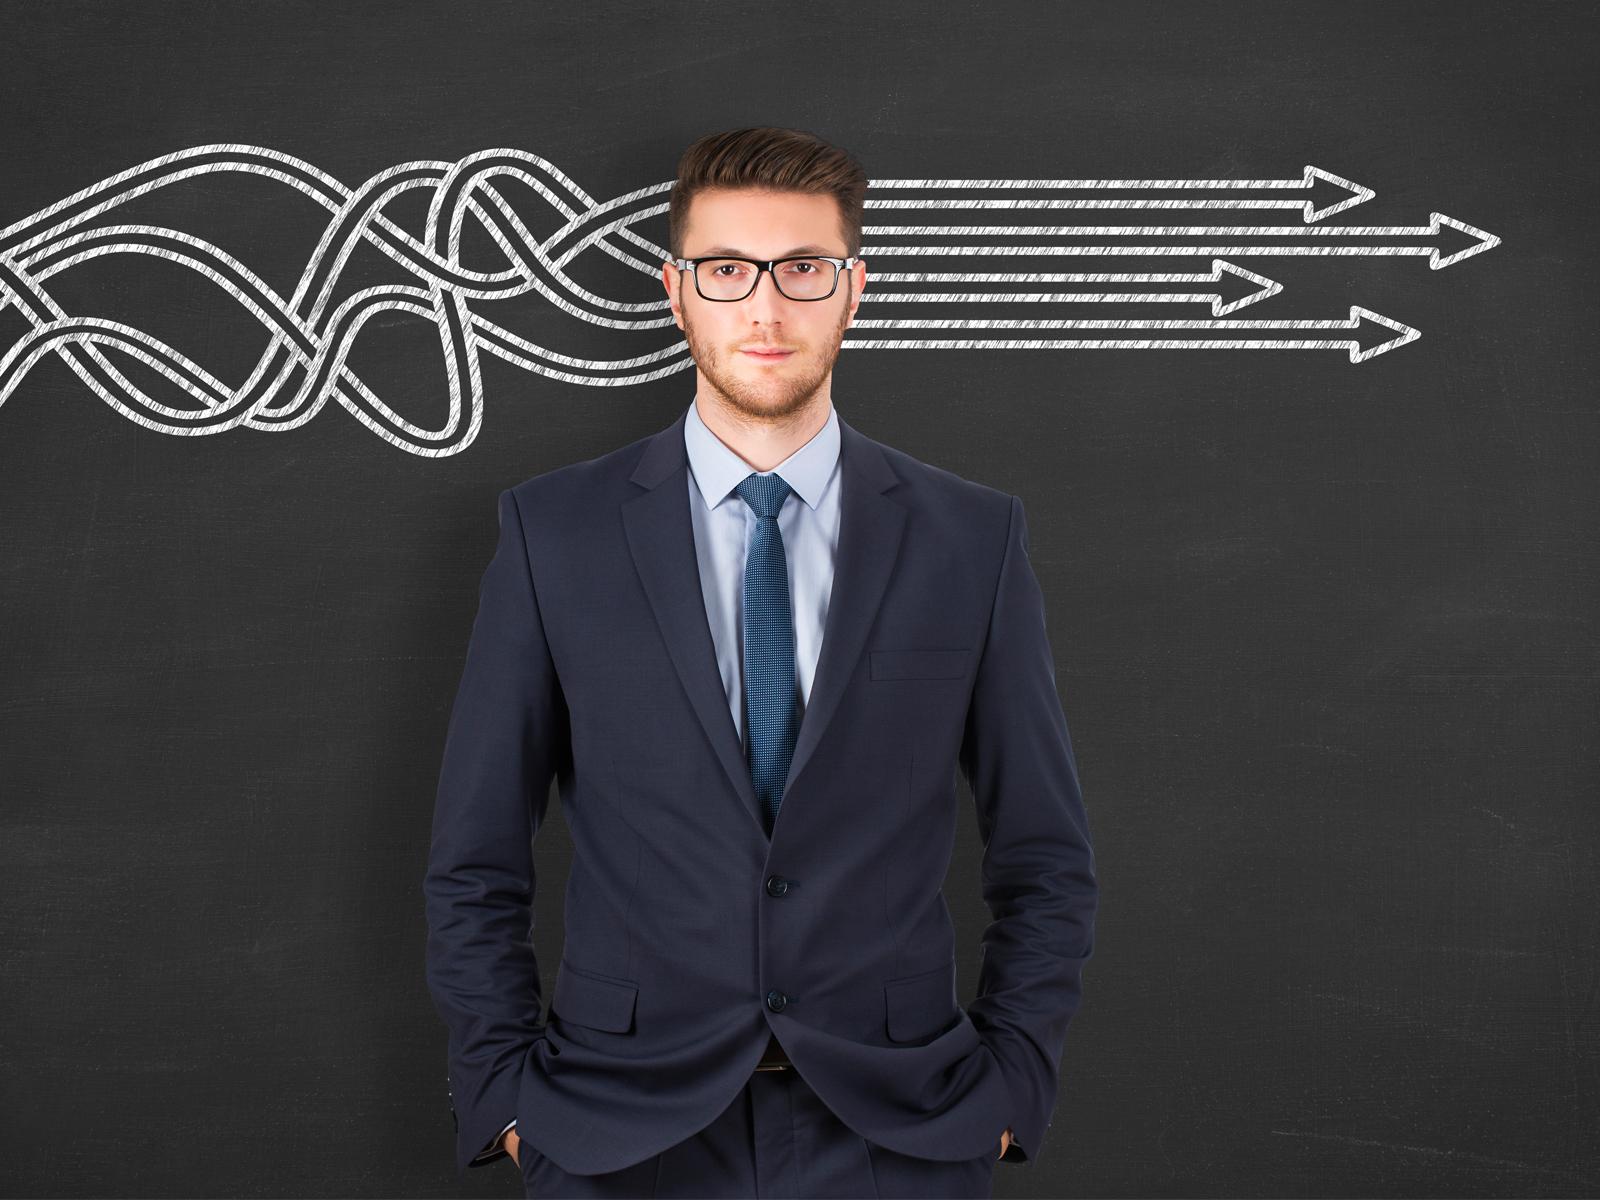 Vocação-profissional-descoberta-individual-ou-tradição-familiar